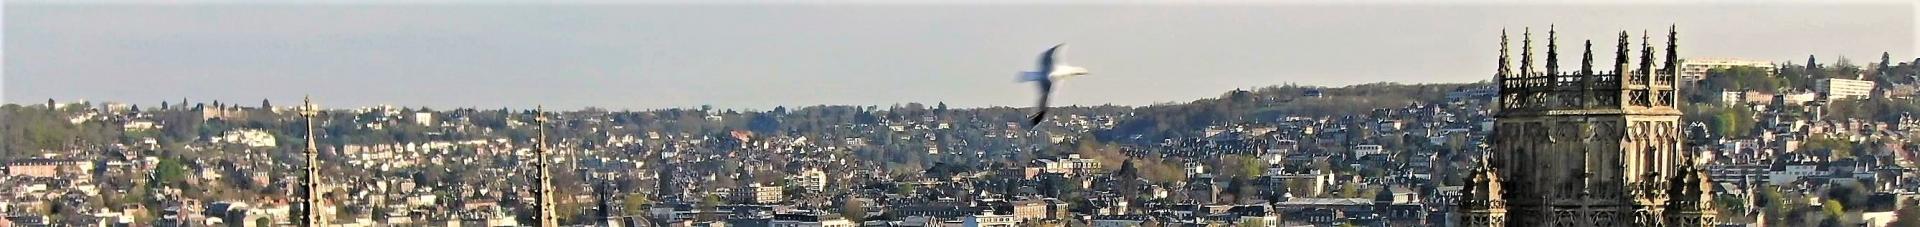 Vidéo aérienne par drone